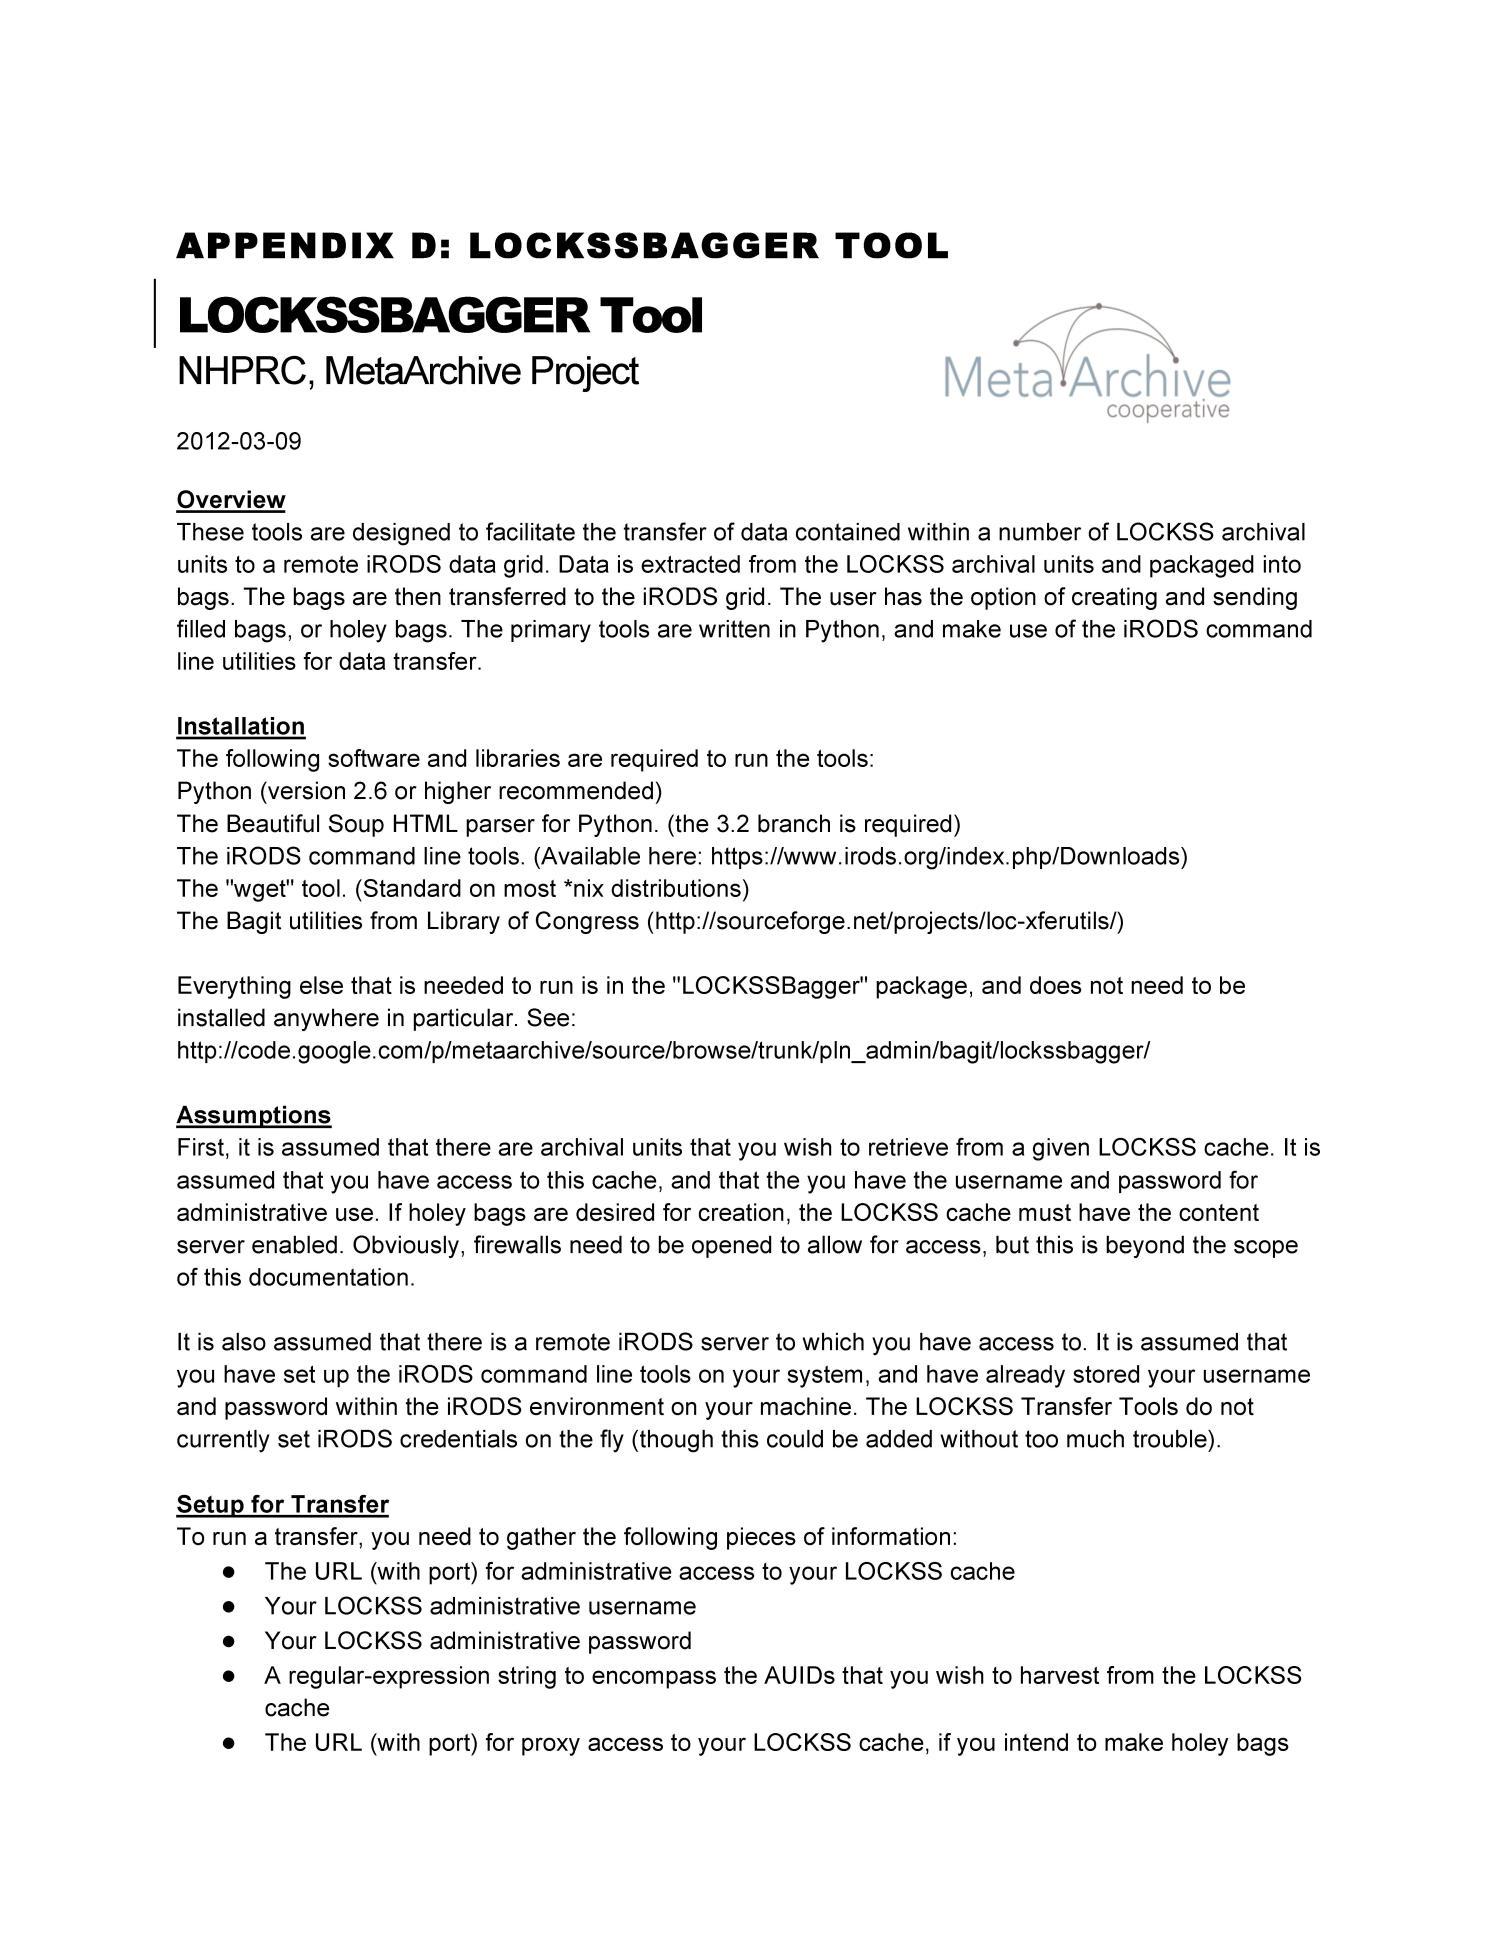 Appendix D: LOCKSSBAGGER Tool - Digital Library